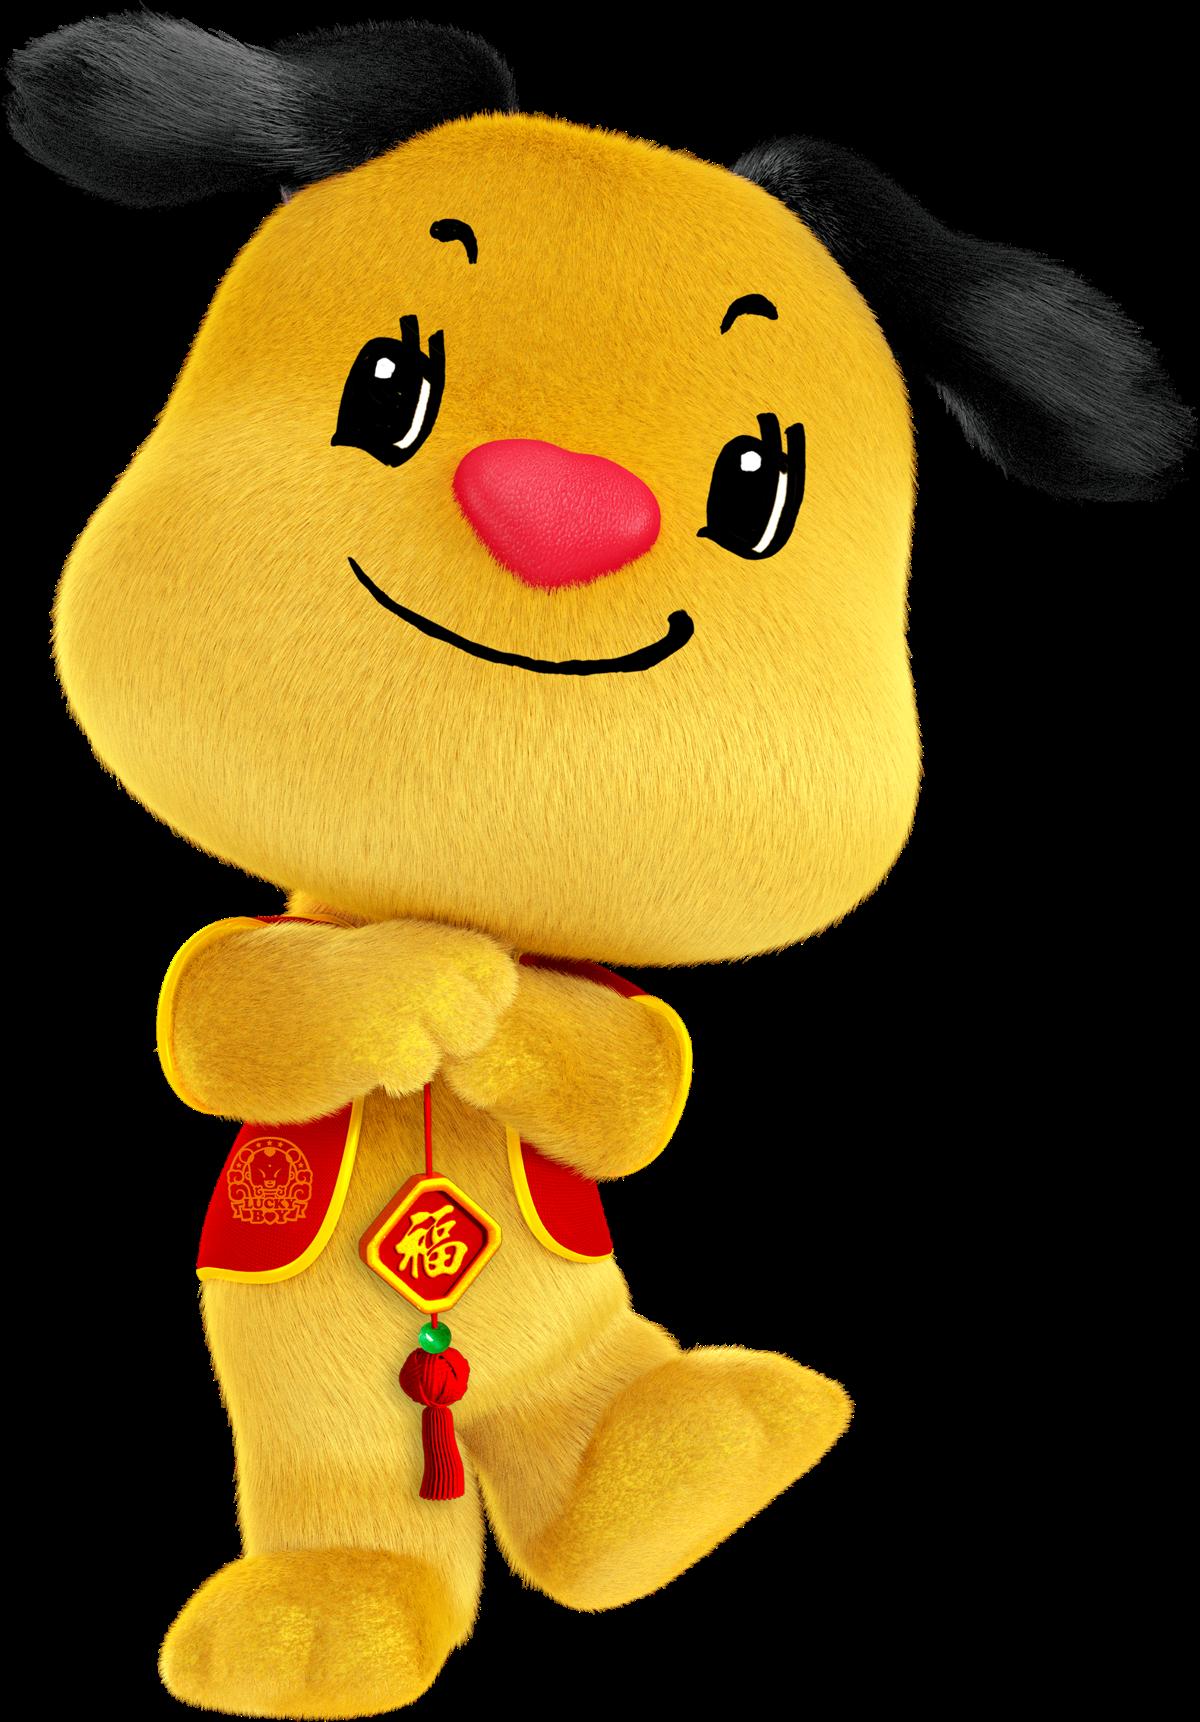 招财童子春节狗年大吉喜庆素材高清大图PNG过大年 品牌升级3D版本!